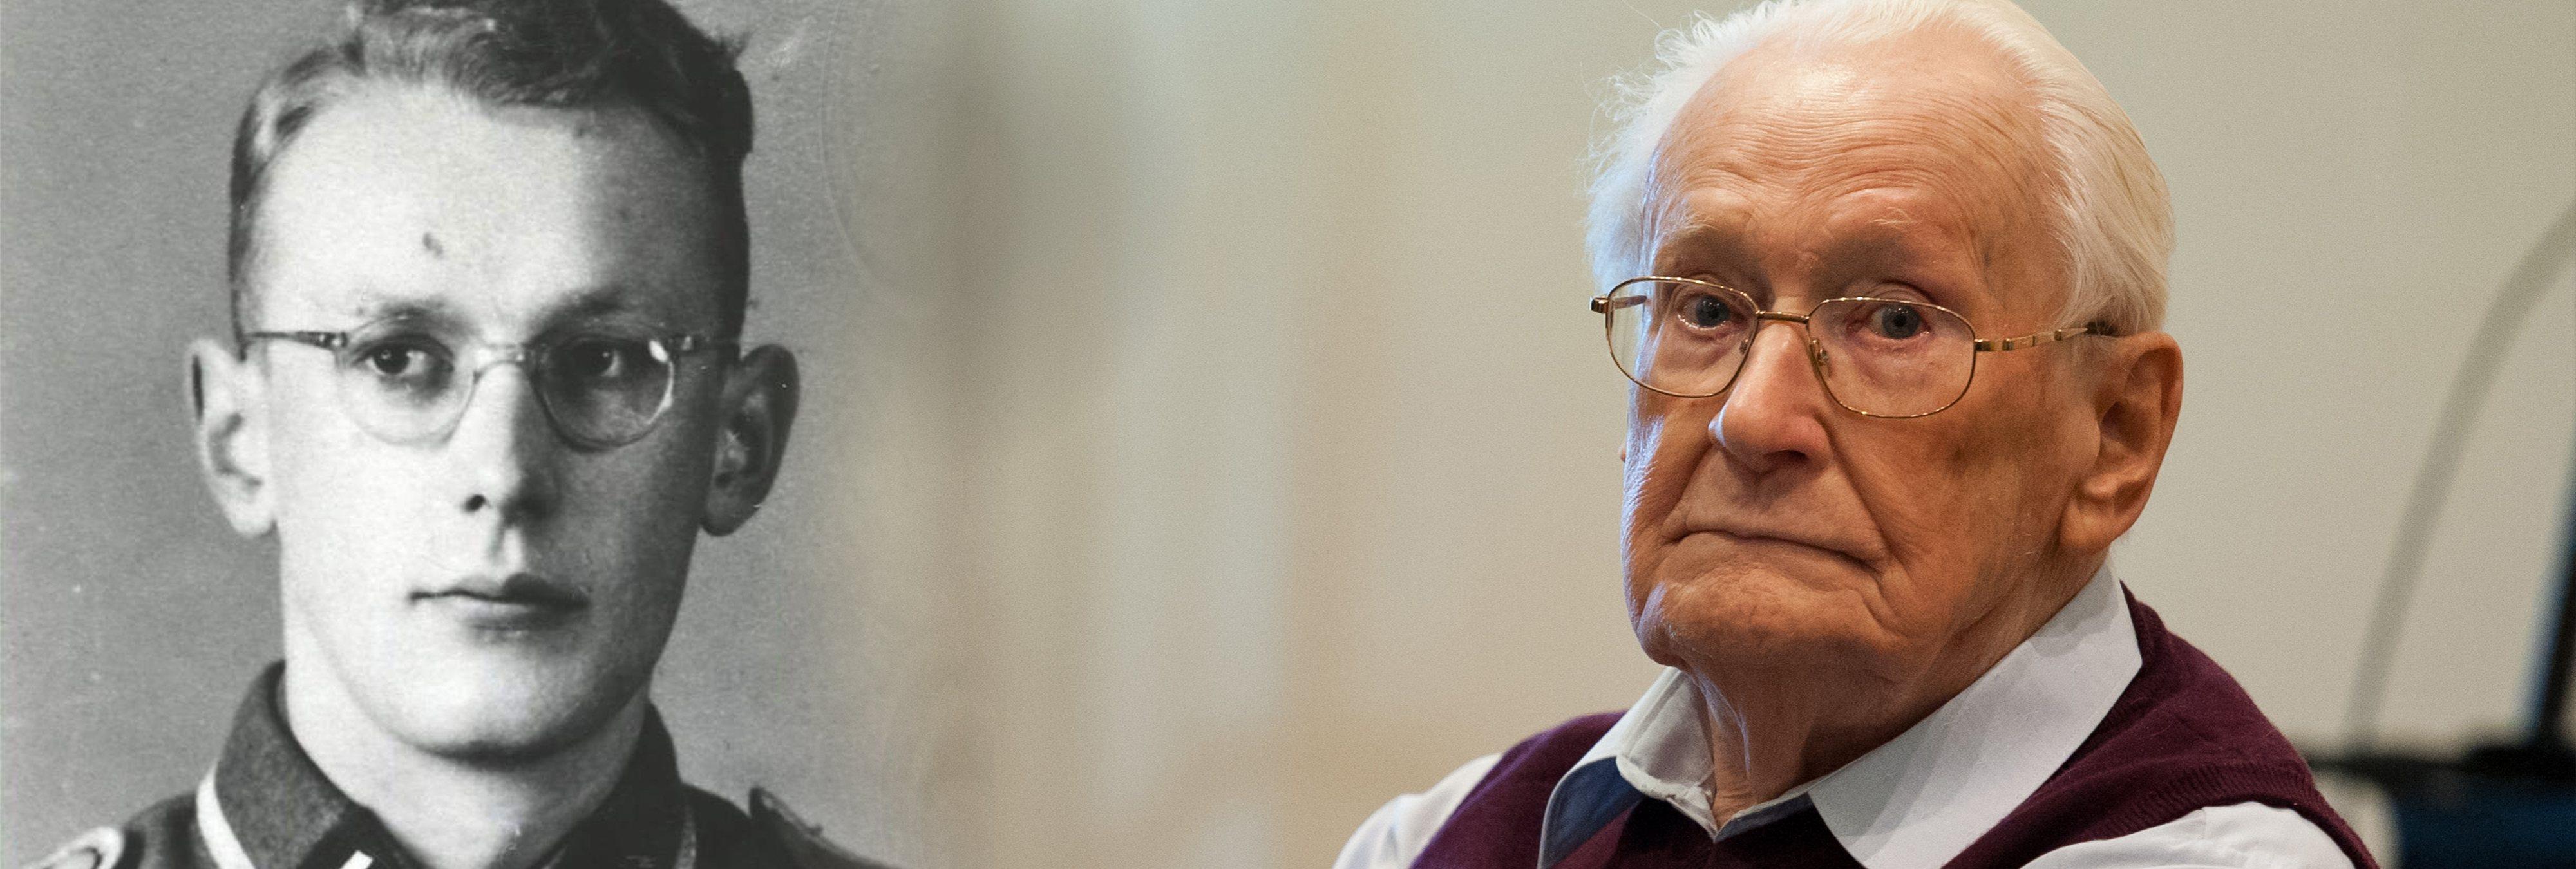 Muere a los 96 años Oskar Gröning, el 'contable de Auschwitz', responsable de 300.000 muertes